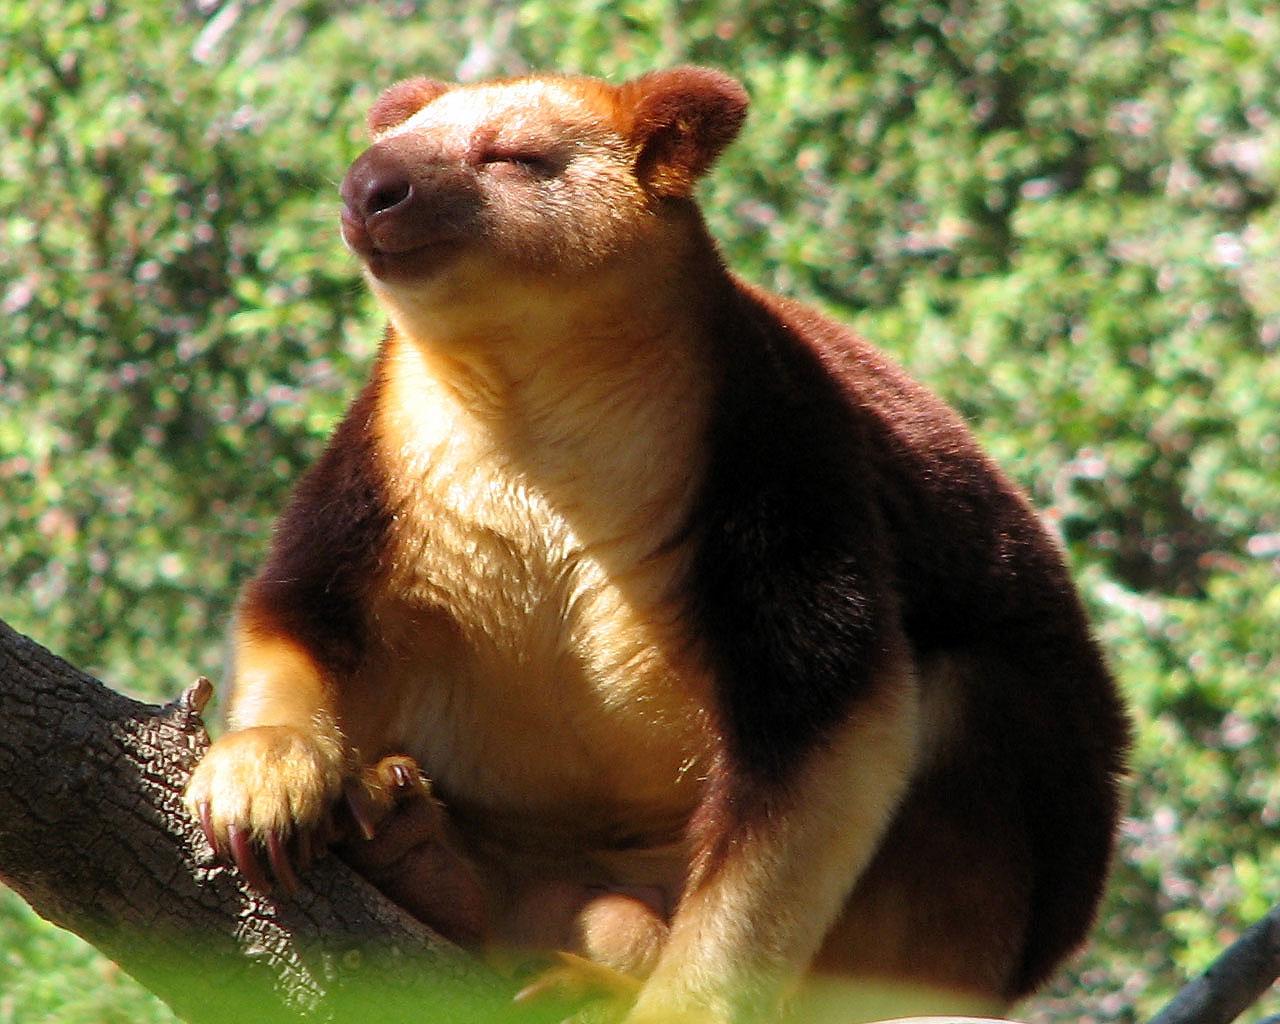 wildlife tree kangaroo animal facts and photos